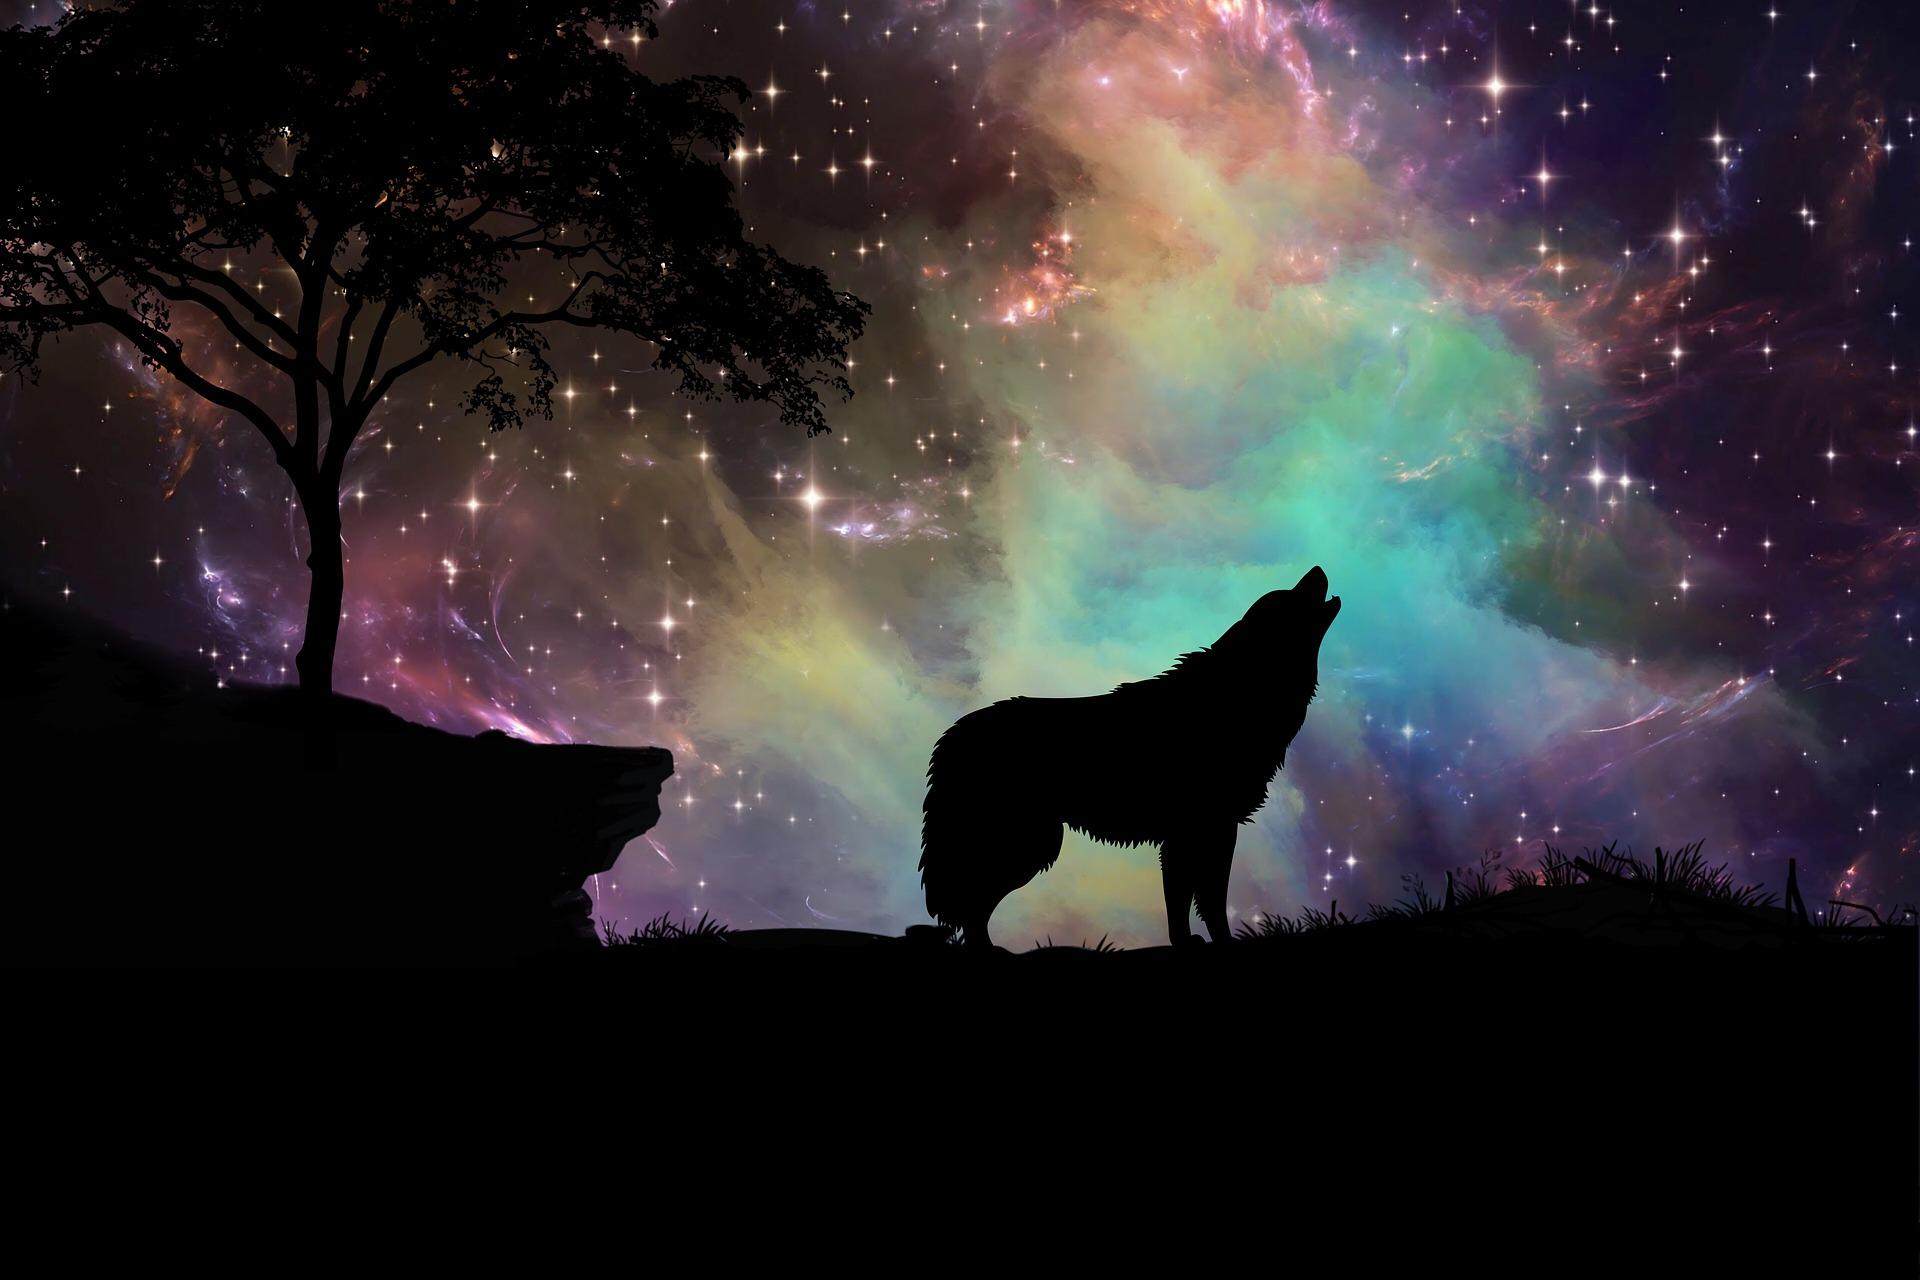 少年 見逃し オオカミ